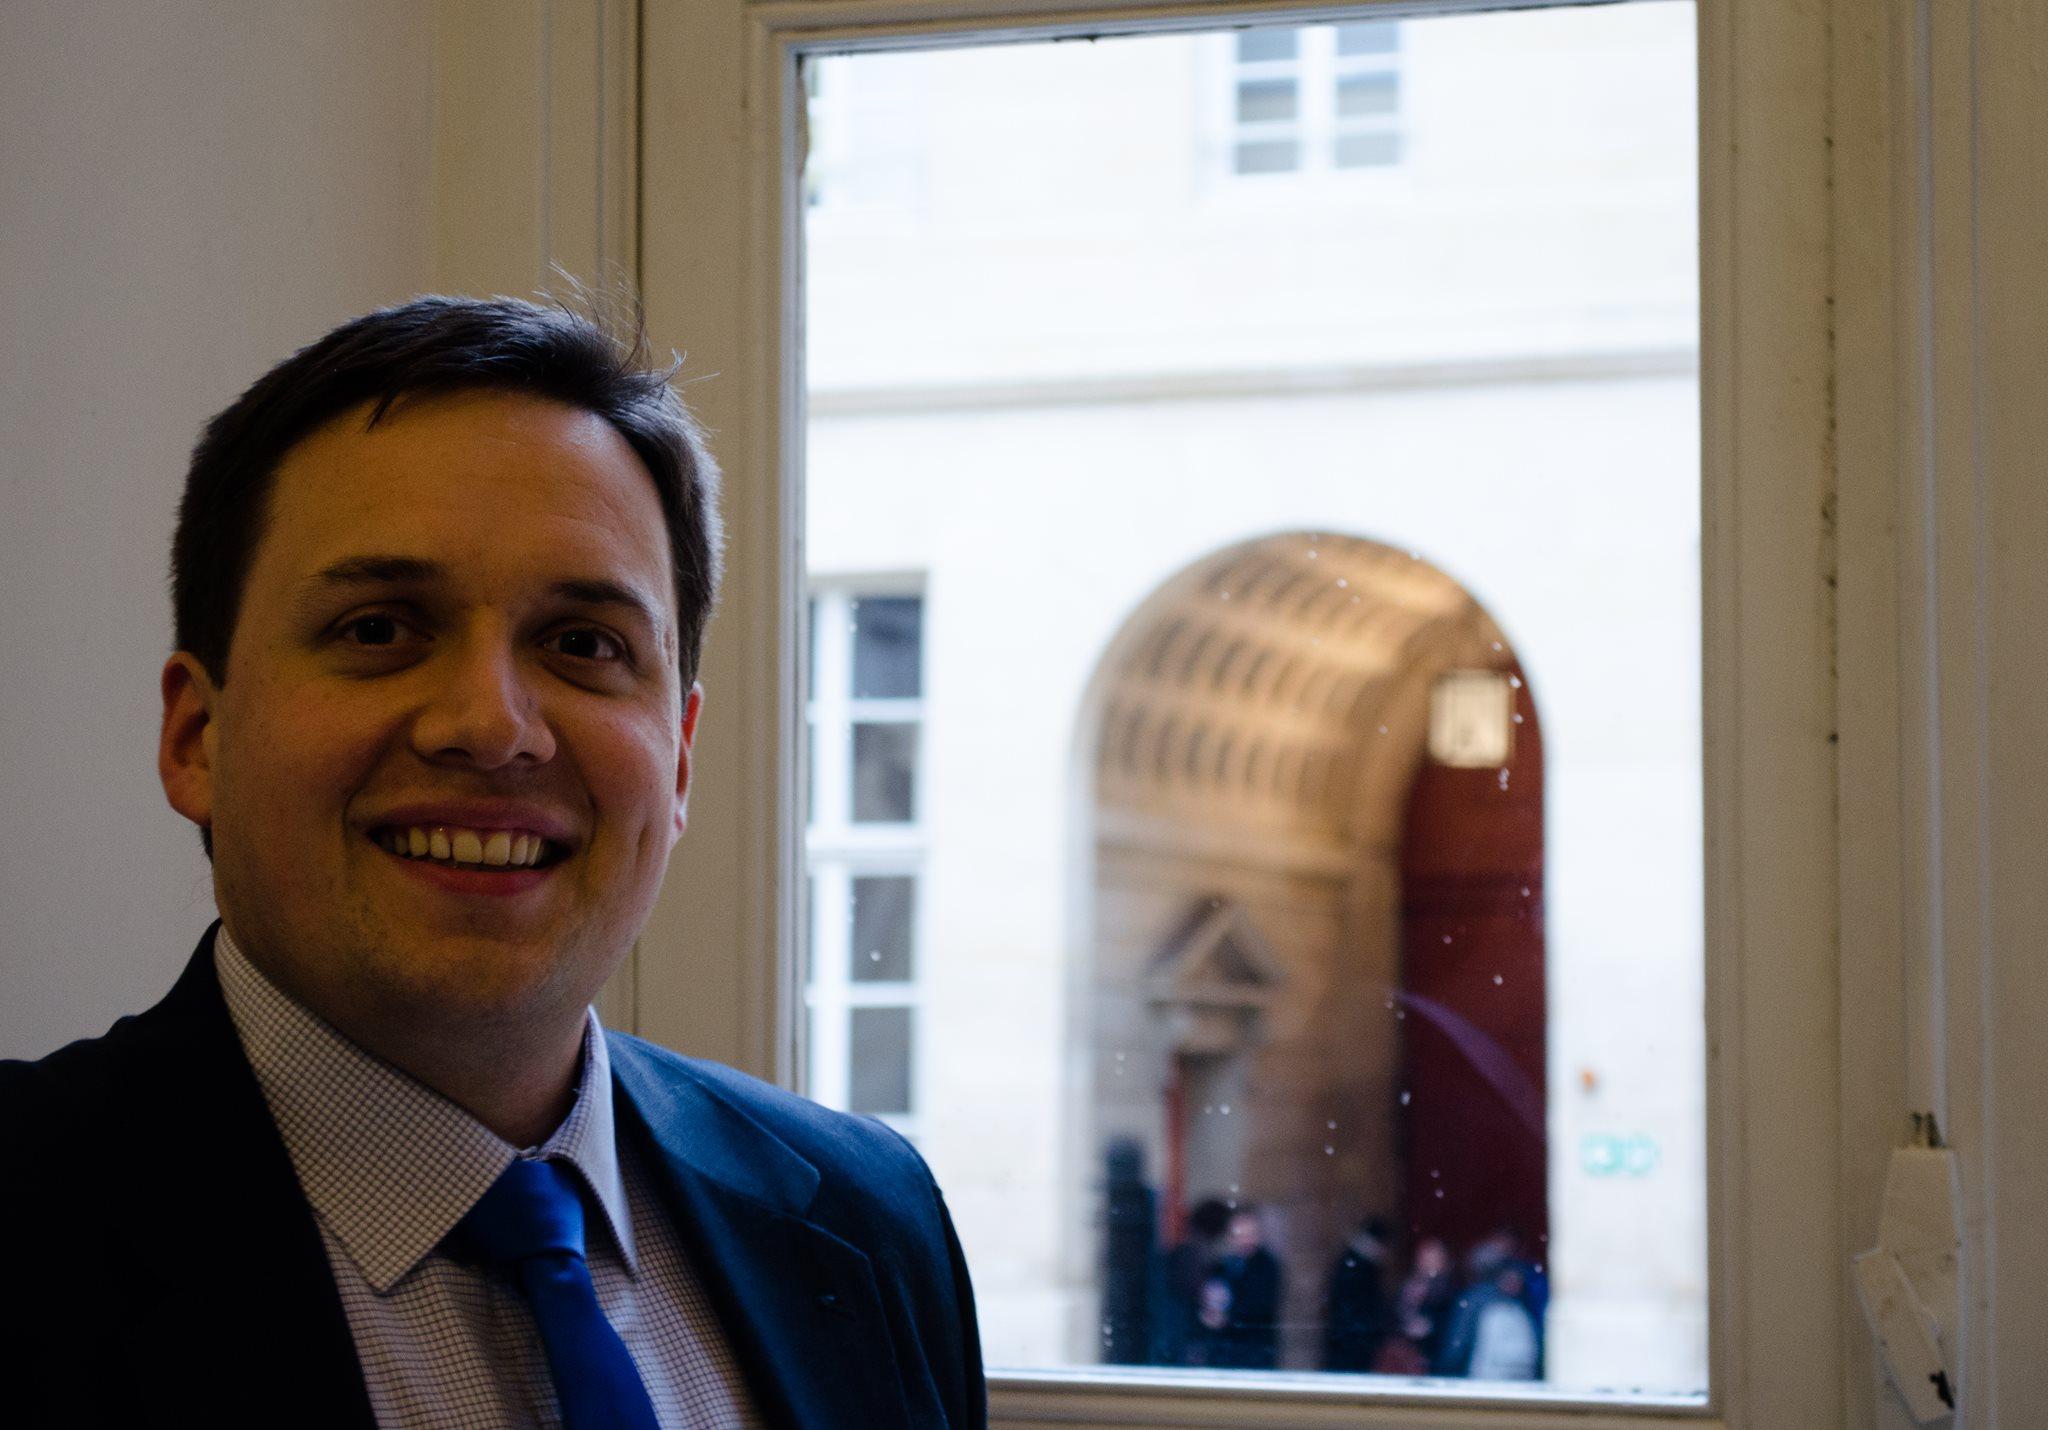 Florian Bezault, fondateur de La Péniche, lors d'une conférence à Sciences Po le 28 janvier. Photographie : Louis Thiercelin